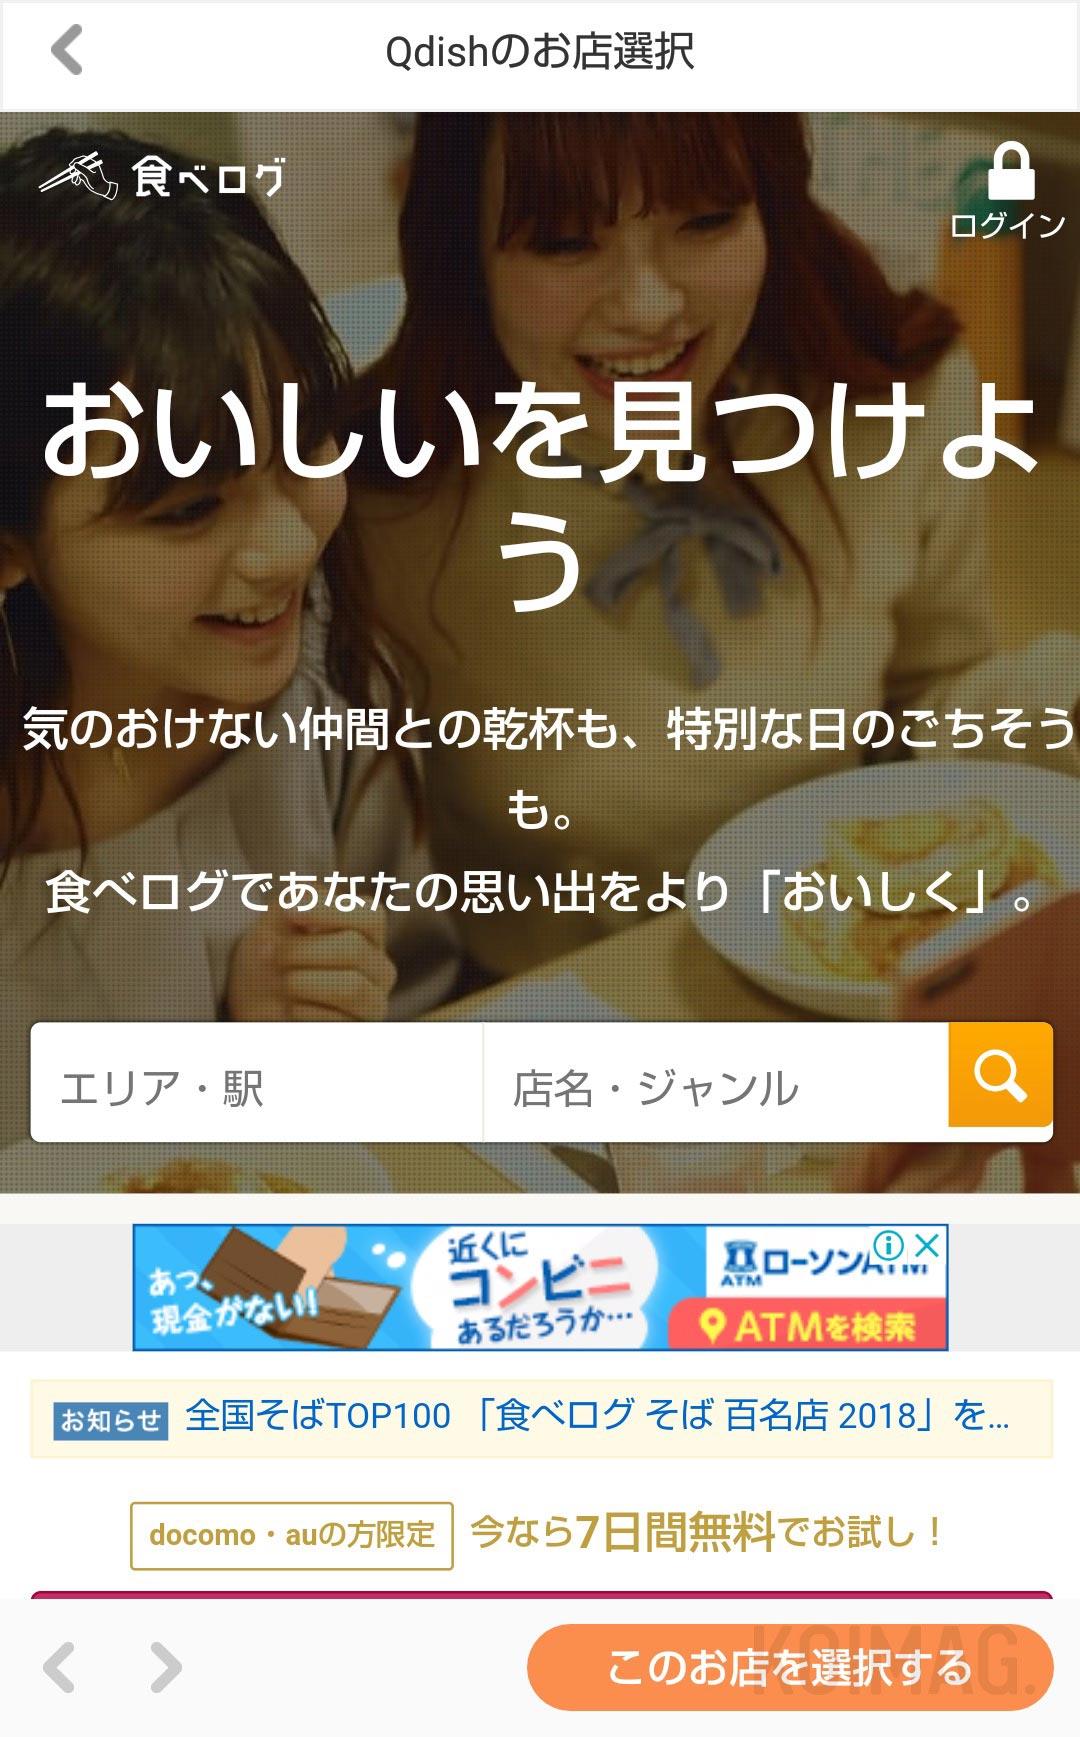 QooNのマイページから、食べログの画面へ移動して、Qdishのお店を登録します。